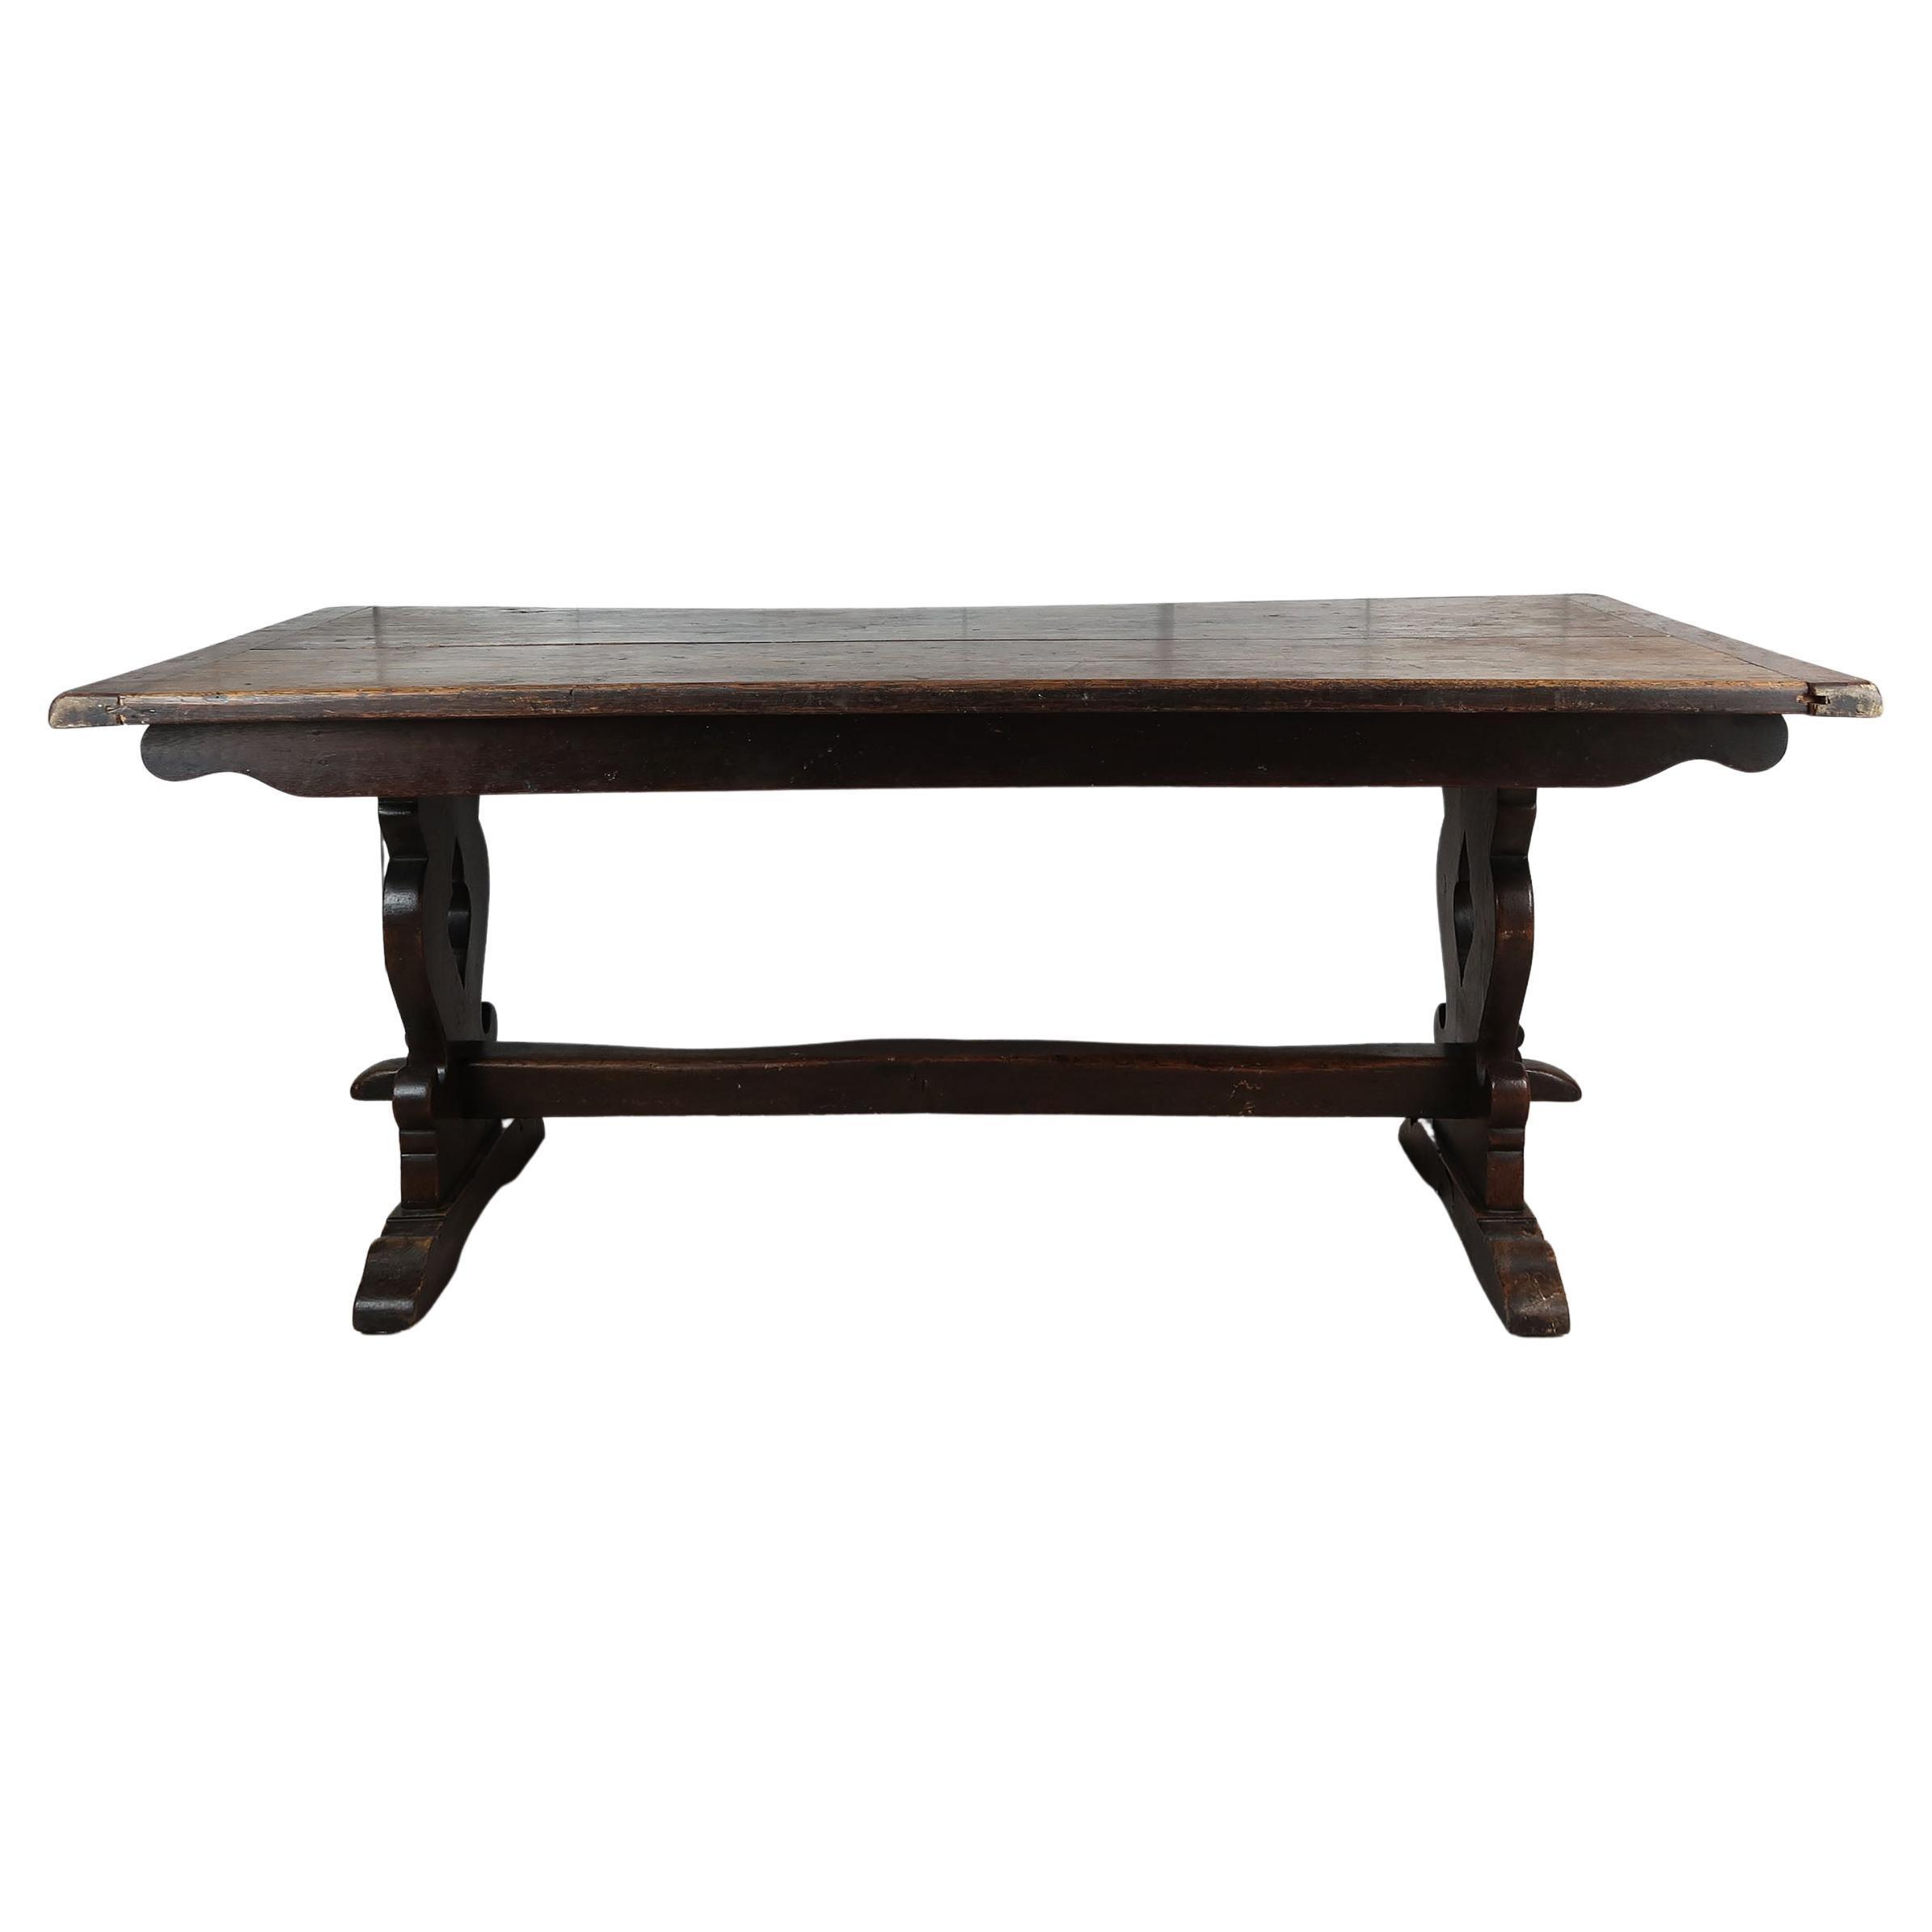 Antique English Oak Refectory Table, Circa 1920